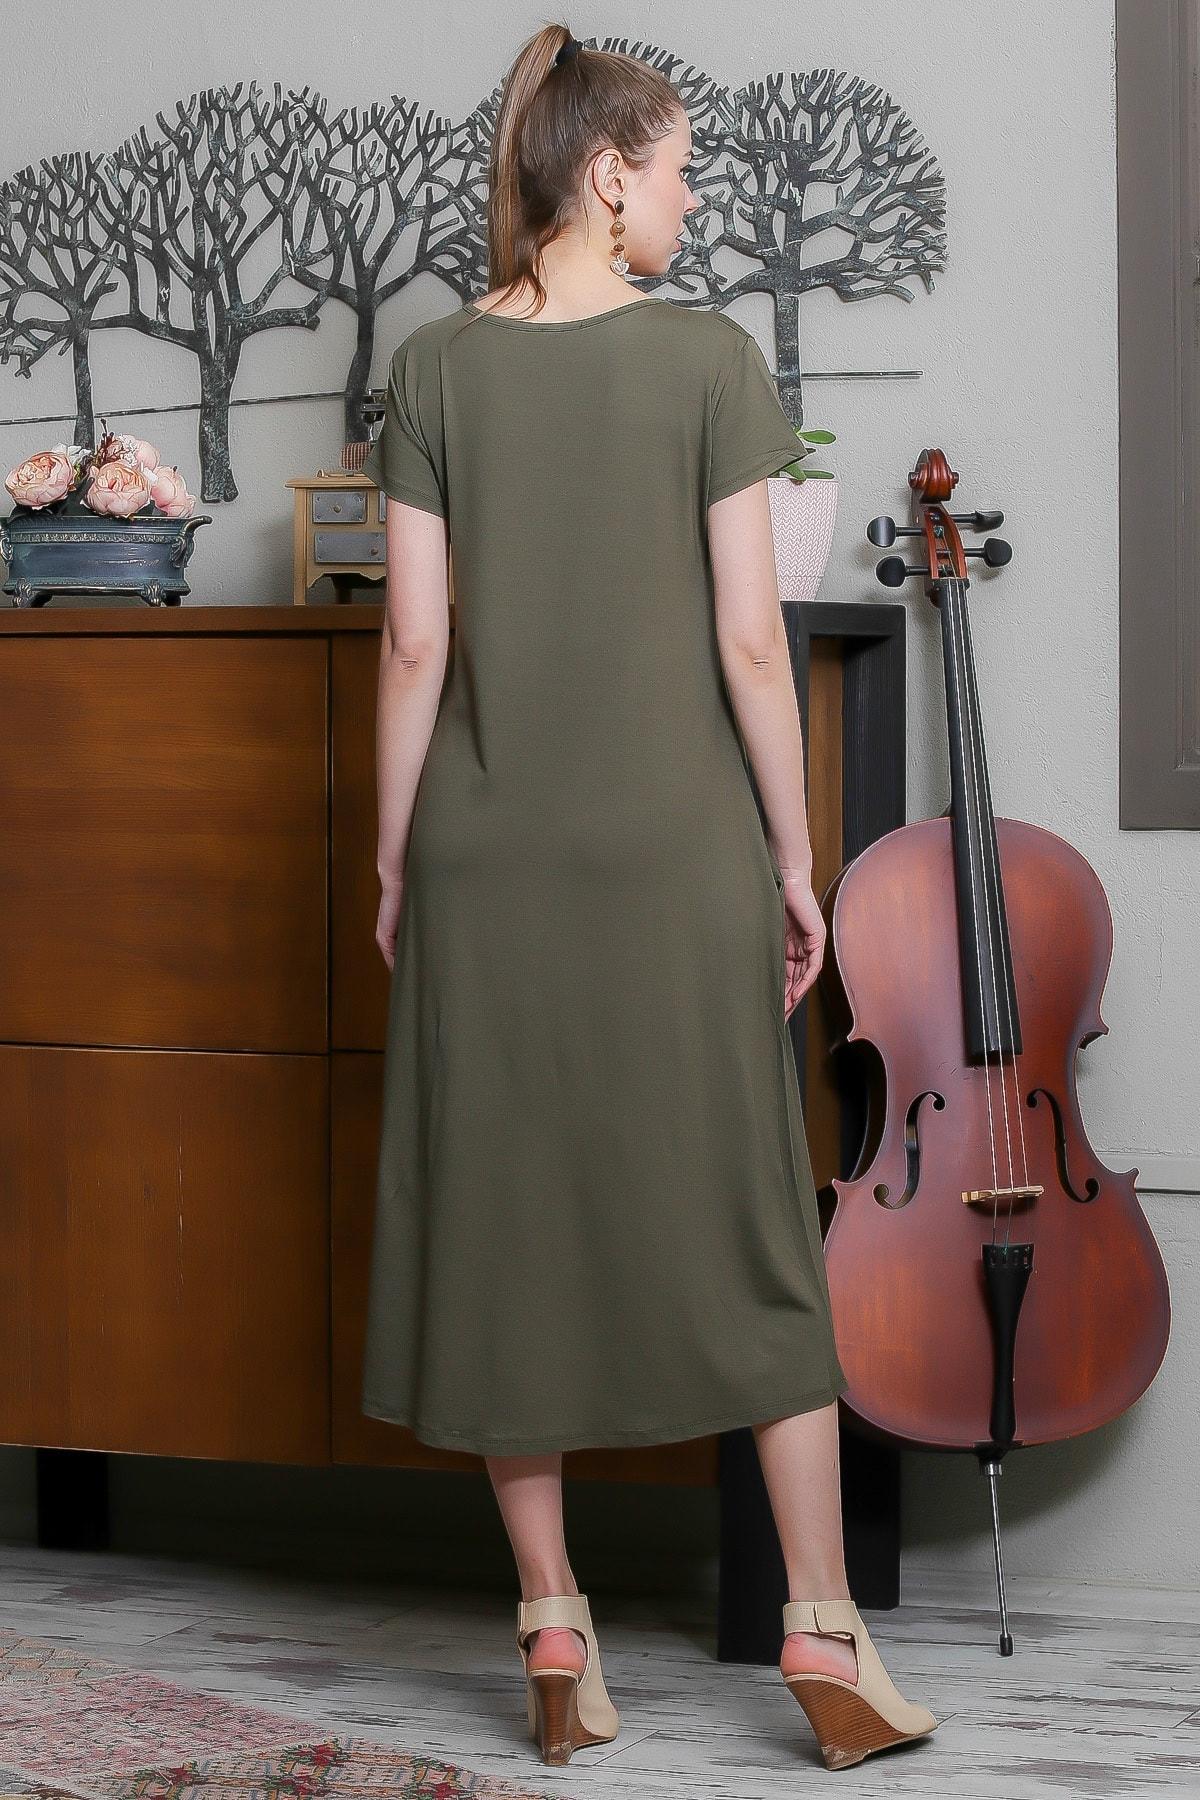 Chiccy Kadın Haki Sıfır Yaka Kısa Kollu Gizli Cepli Salaş Elbise M10160000EL95531 3